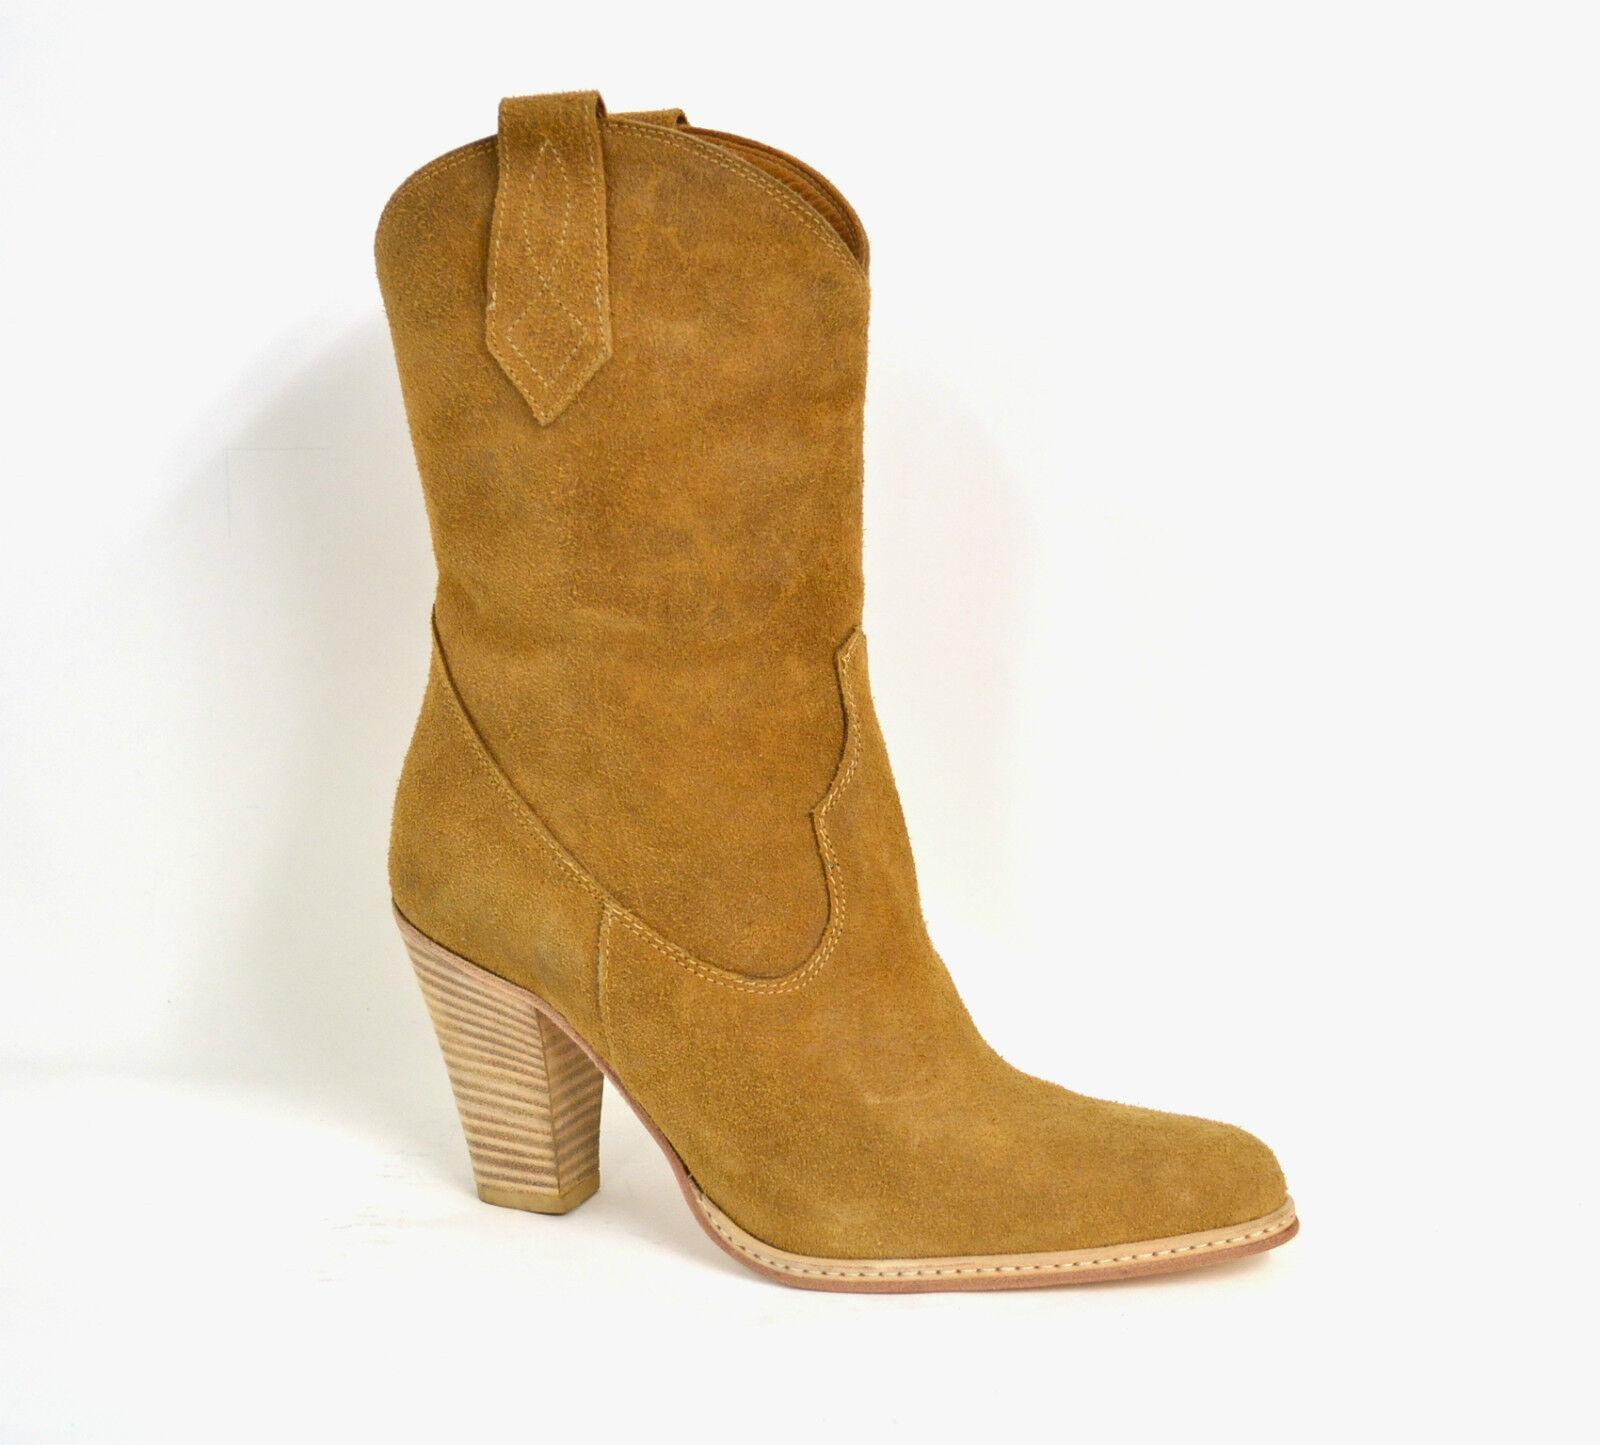 Grandes zapatos con descuento STIVALI STIVALETTI DONNA TEXANO VERA PELLE SCAMOSCIATO MADE IN ITALY ARTIGIANALI